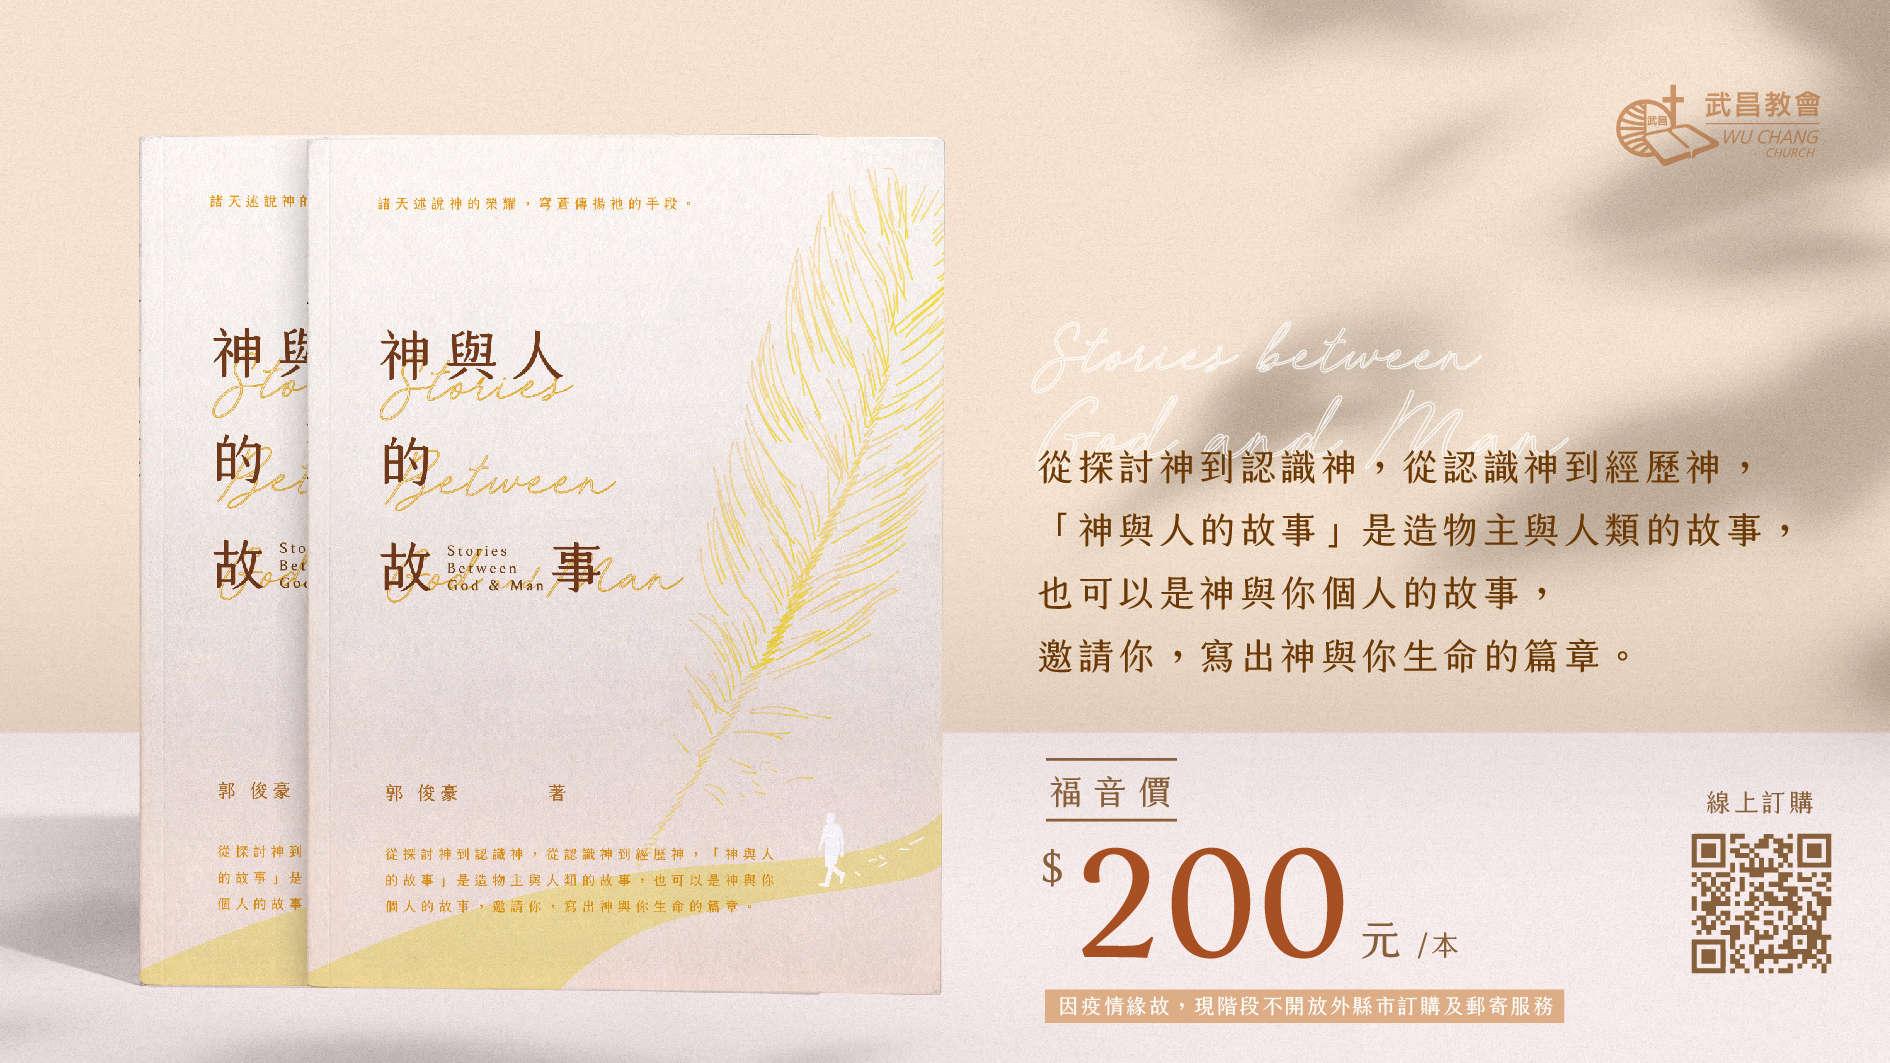 武昌 banner